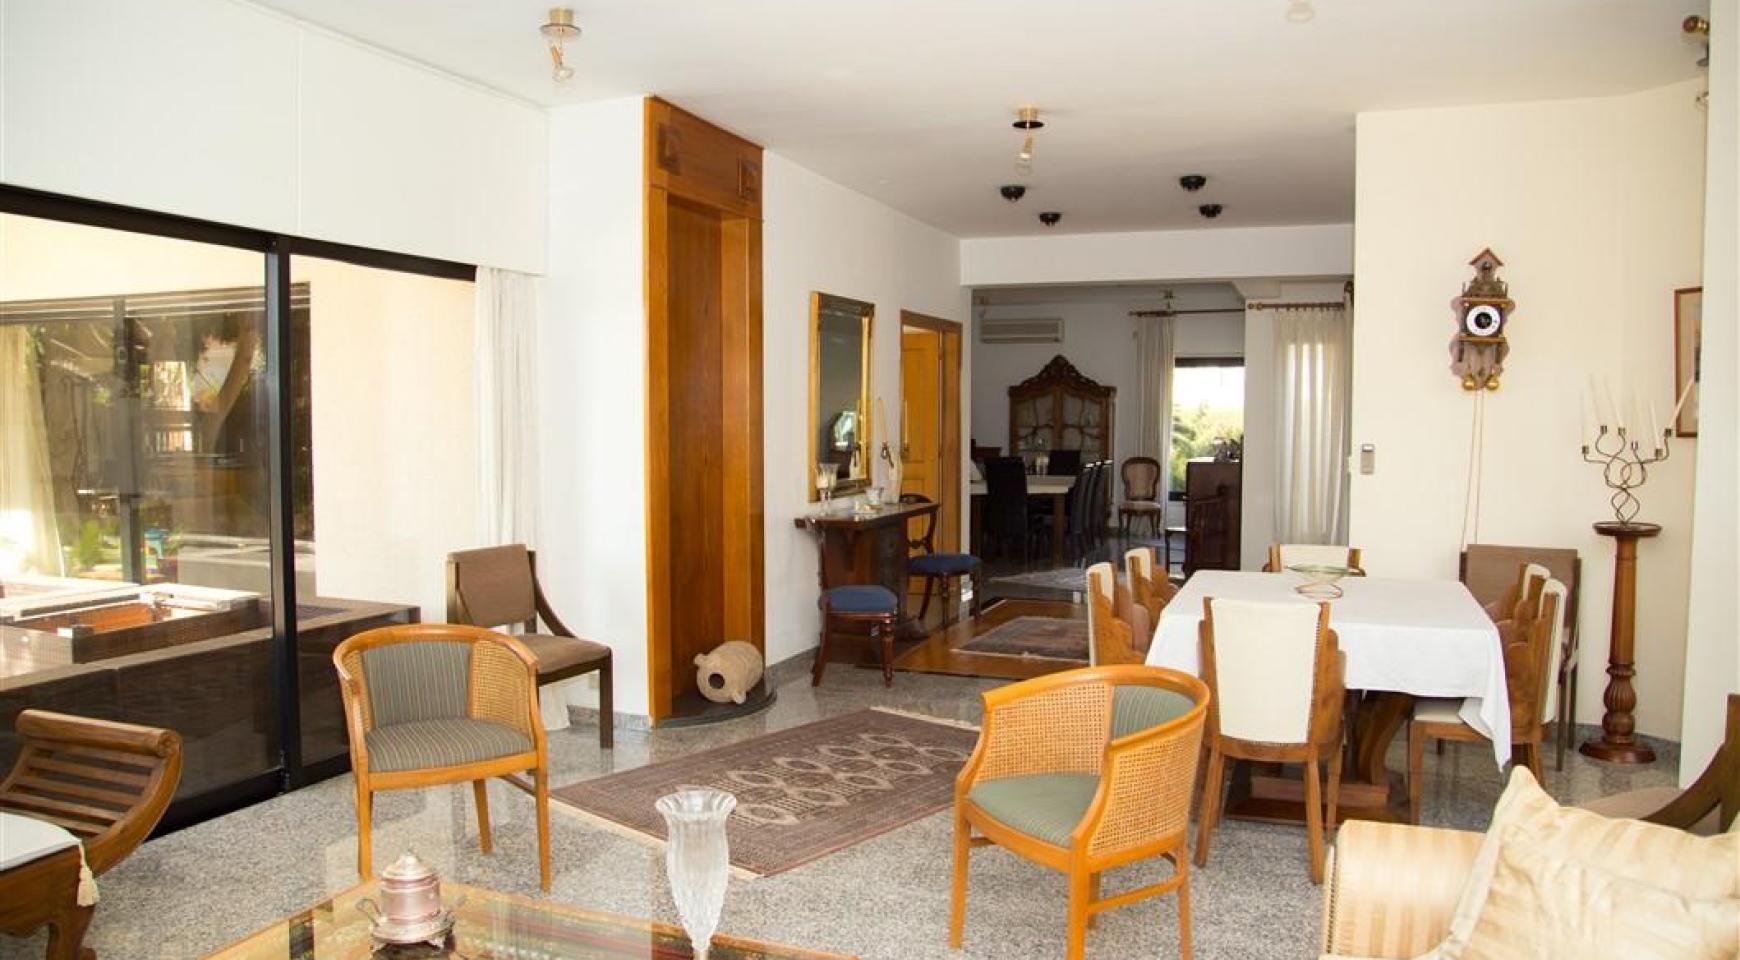 4 Bedroom Villa in Germasogeia Area - 13